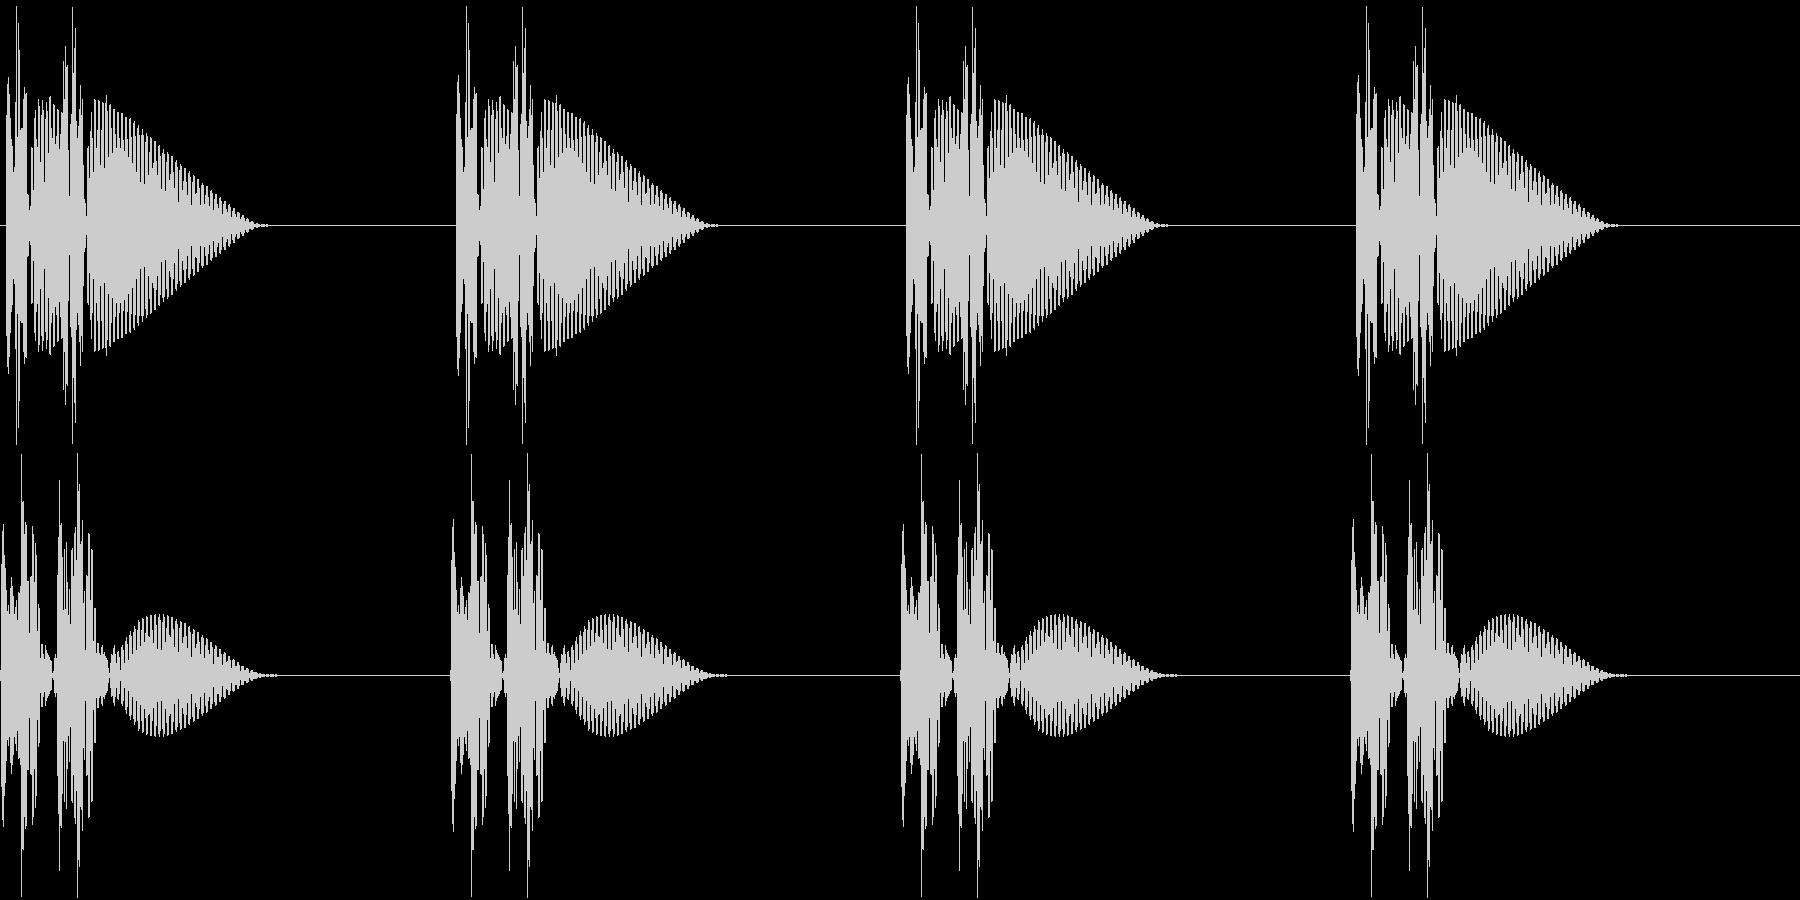 HeartBeat 心臓の音 1 ループの未再生の波形